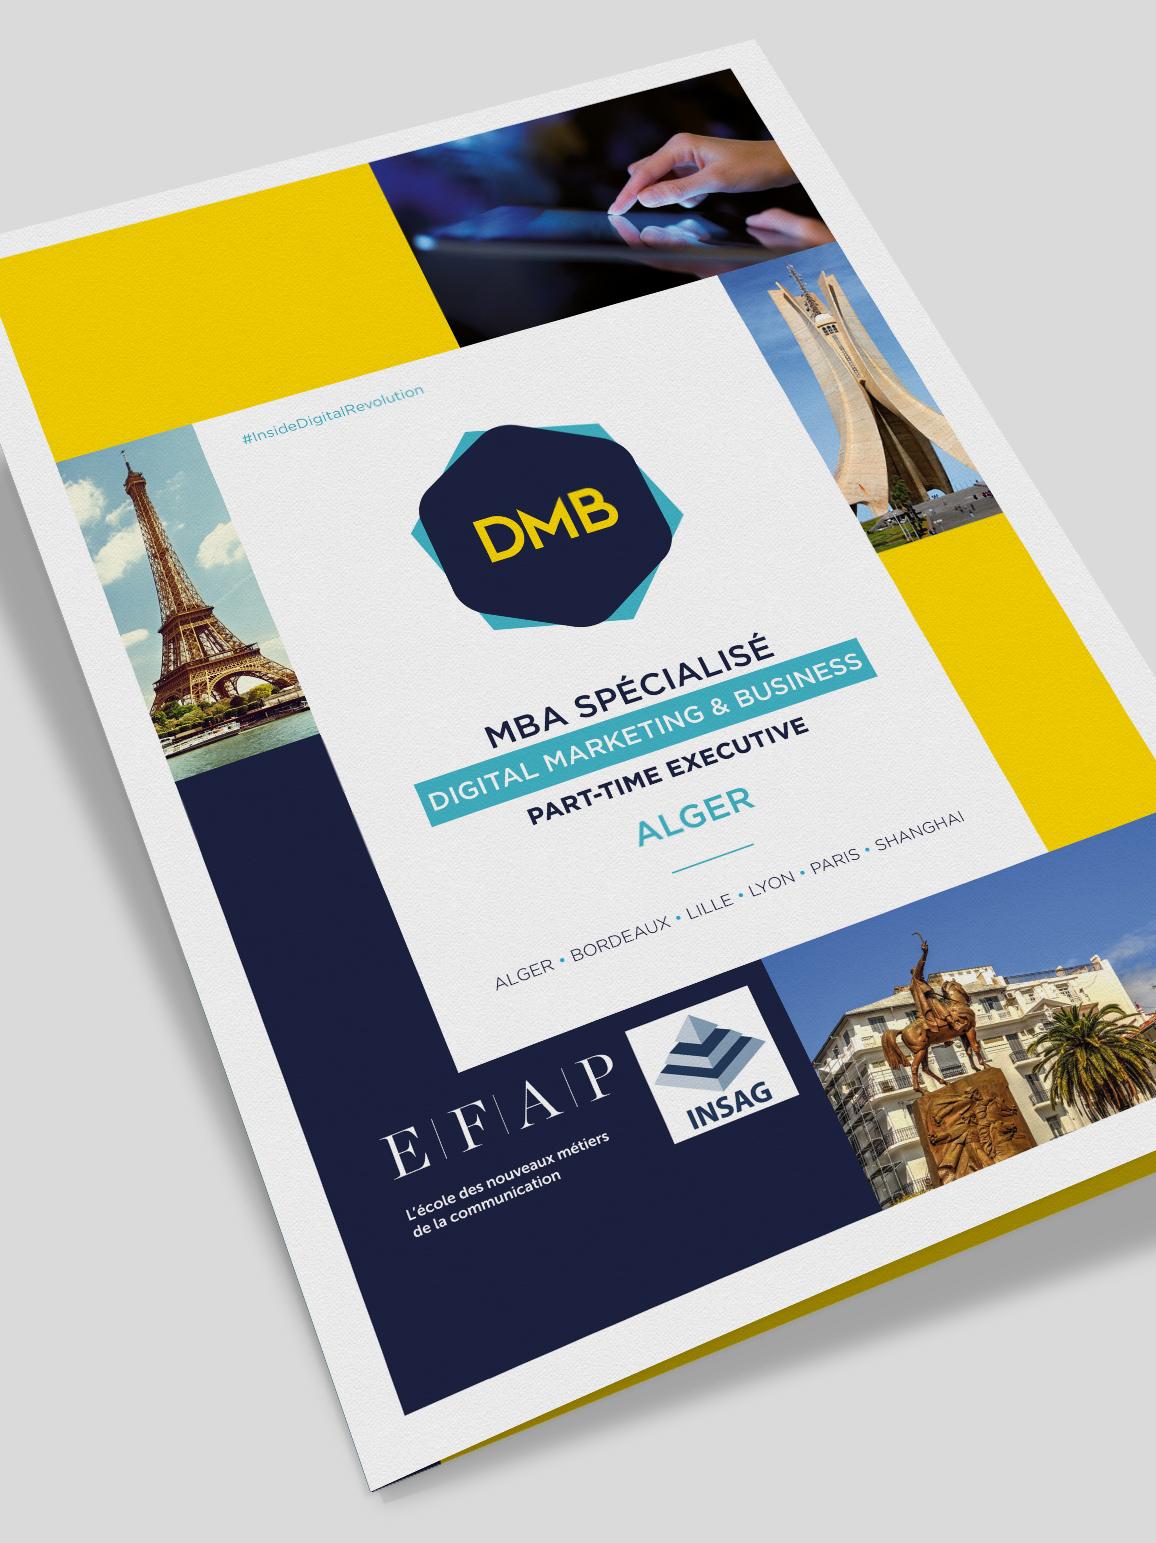 EFAP_Alger_couv2